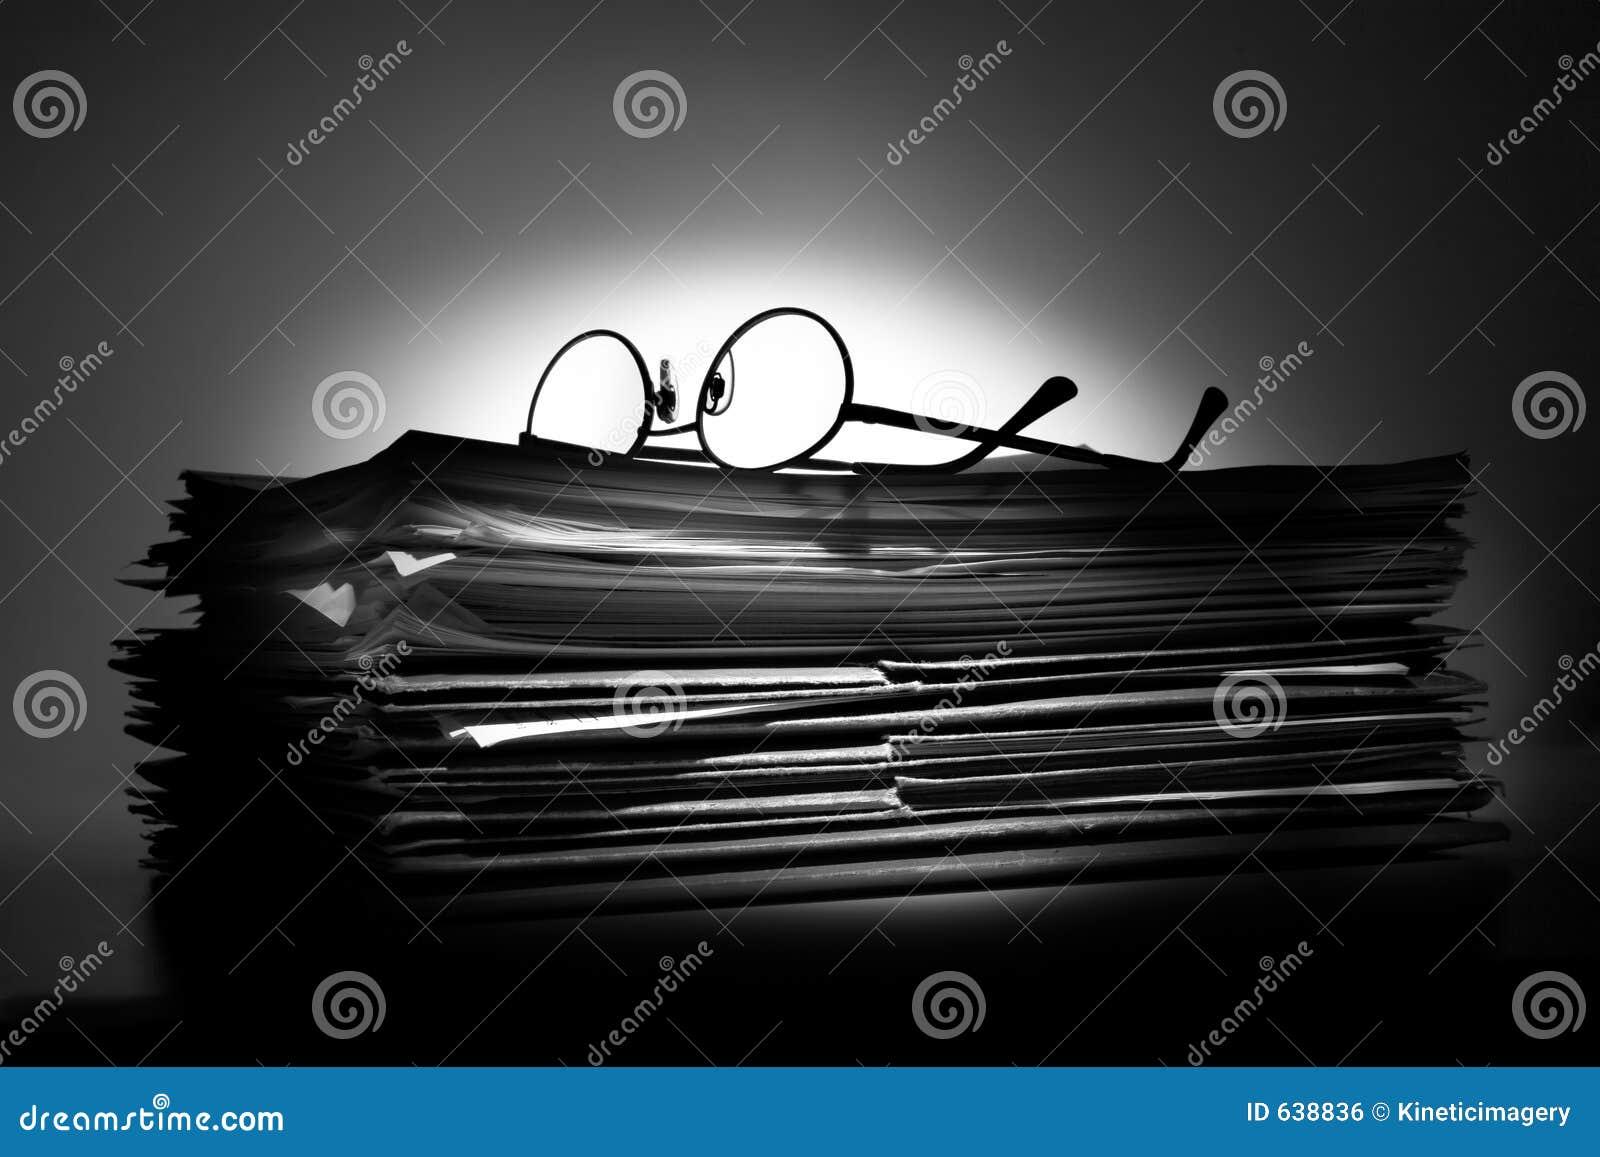 Download дробит обработку документов на участки Стоковое Фото - изображение насчитывающей корпорация, трудно: 638836